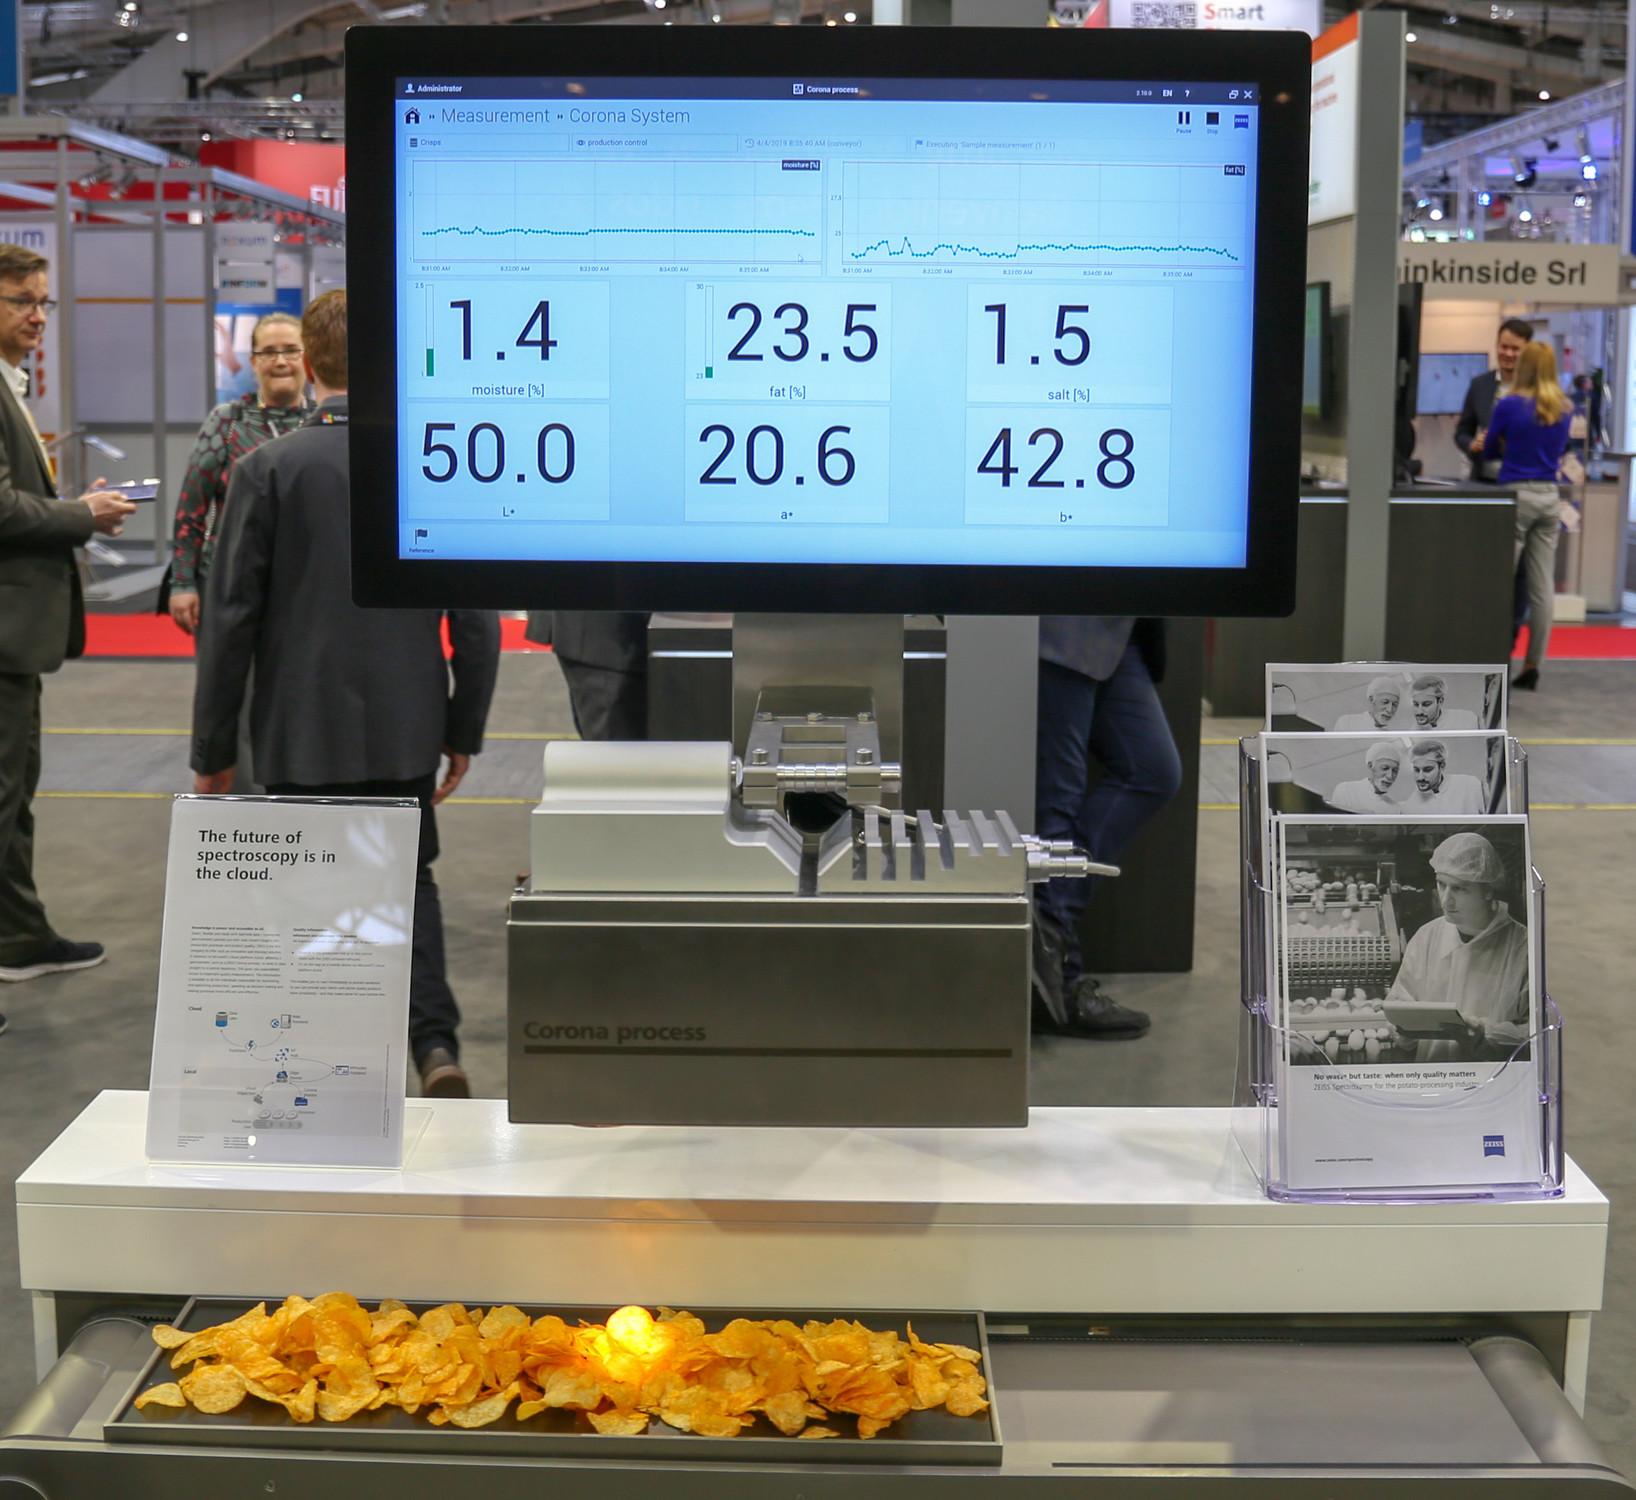 Spectroscopy of potato chips